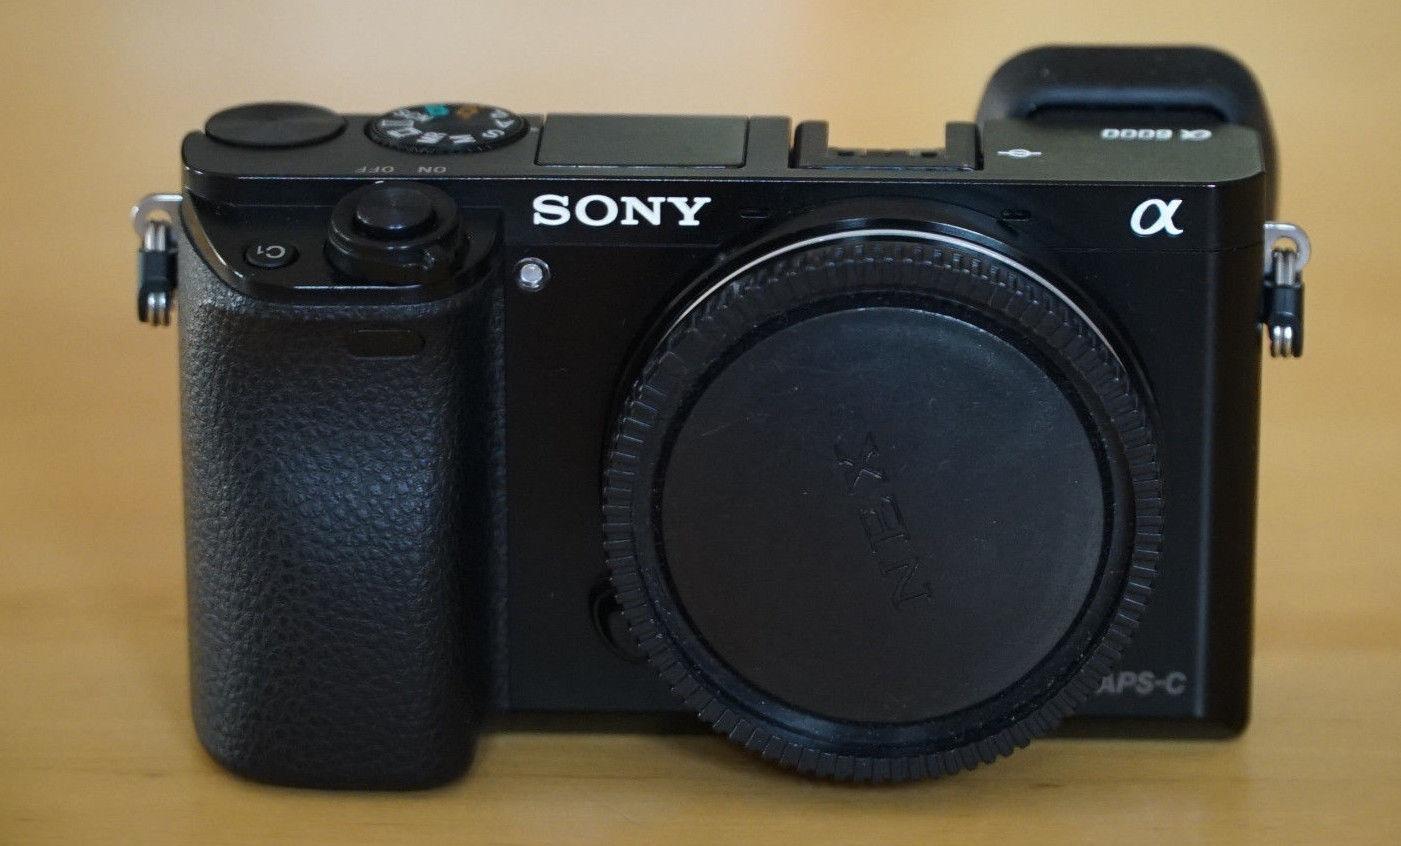 Sony Alpha ILCE-6000 24.3 MP Digitalkamera - Schwarz (Nur Gehäuse), Drittkamera